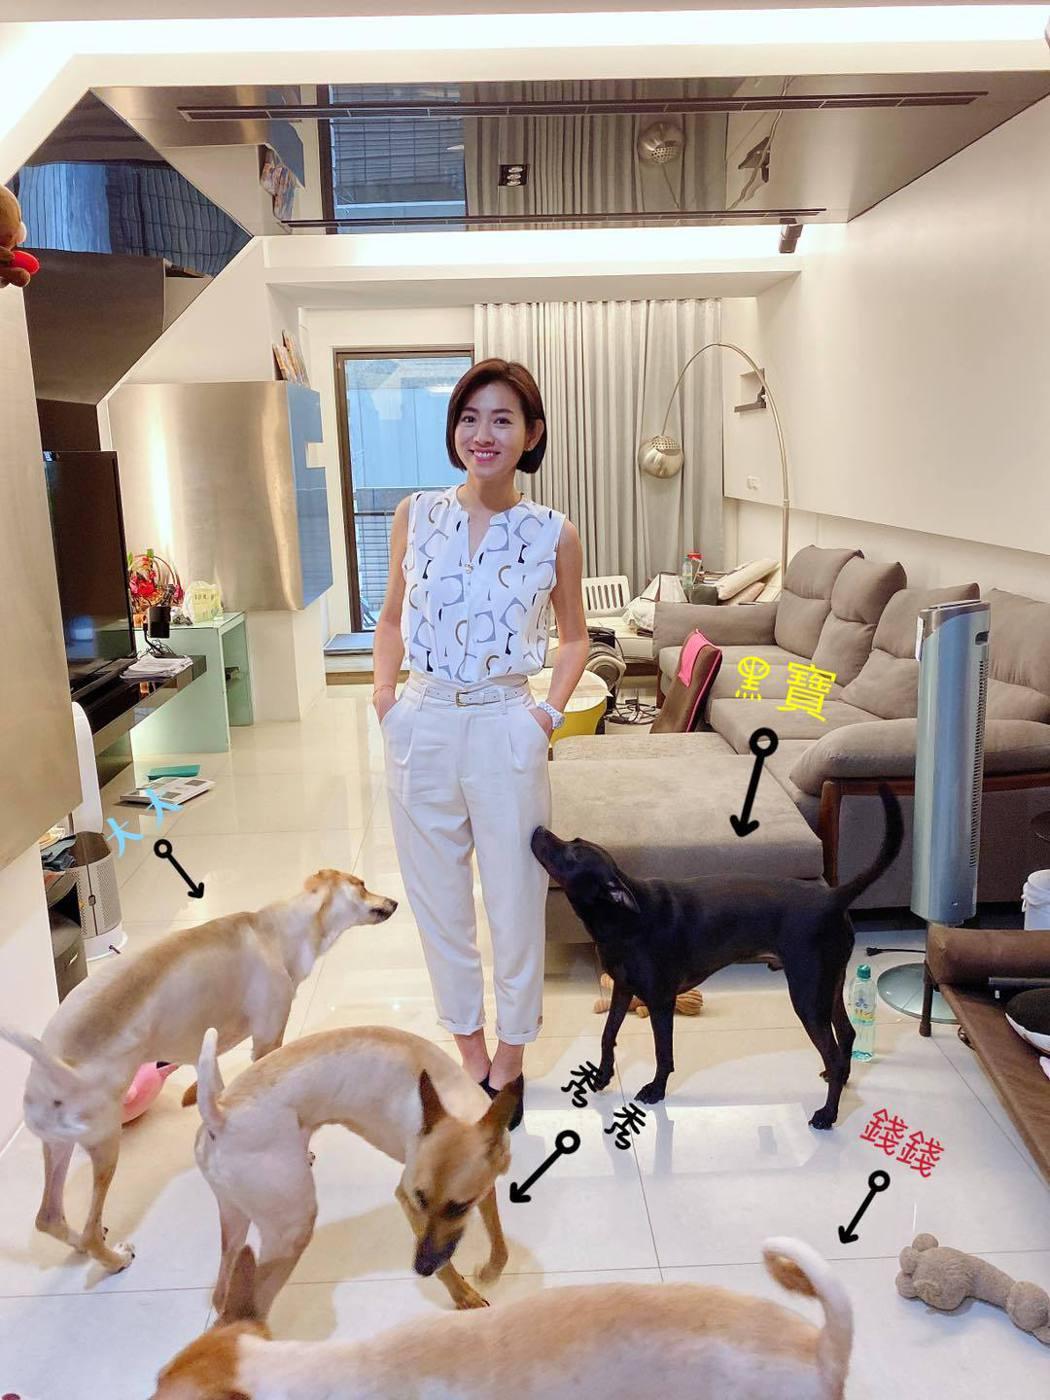 米可白已安頓好離婚後的新住處,確實「跟狗住」。圖/摘自臉書